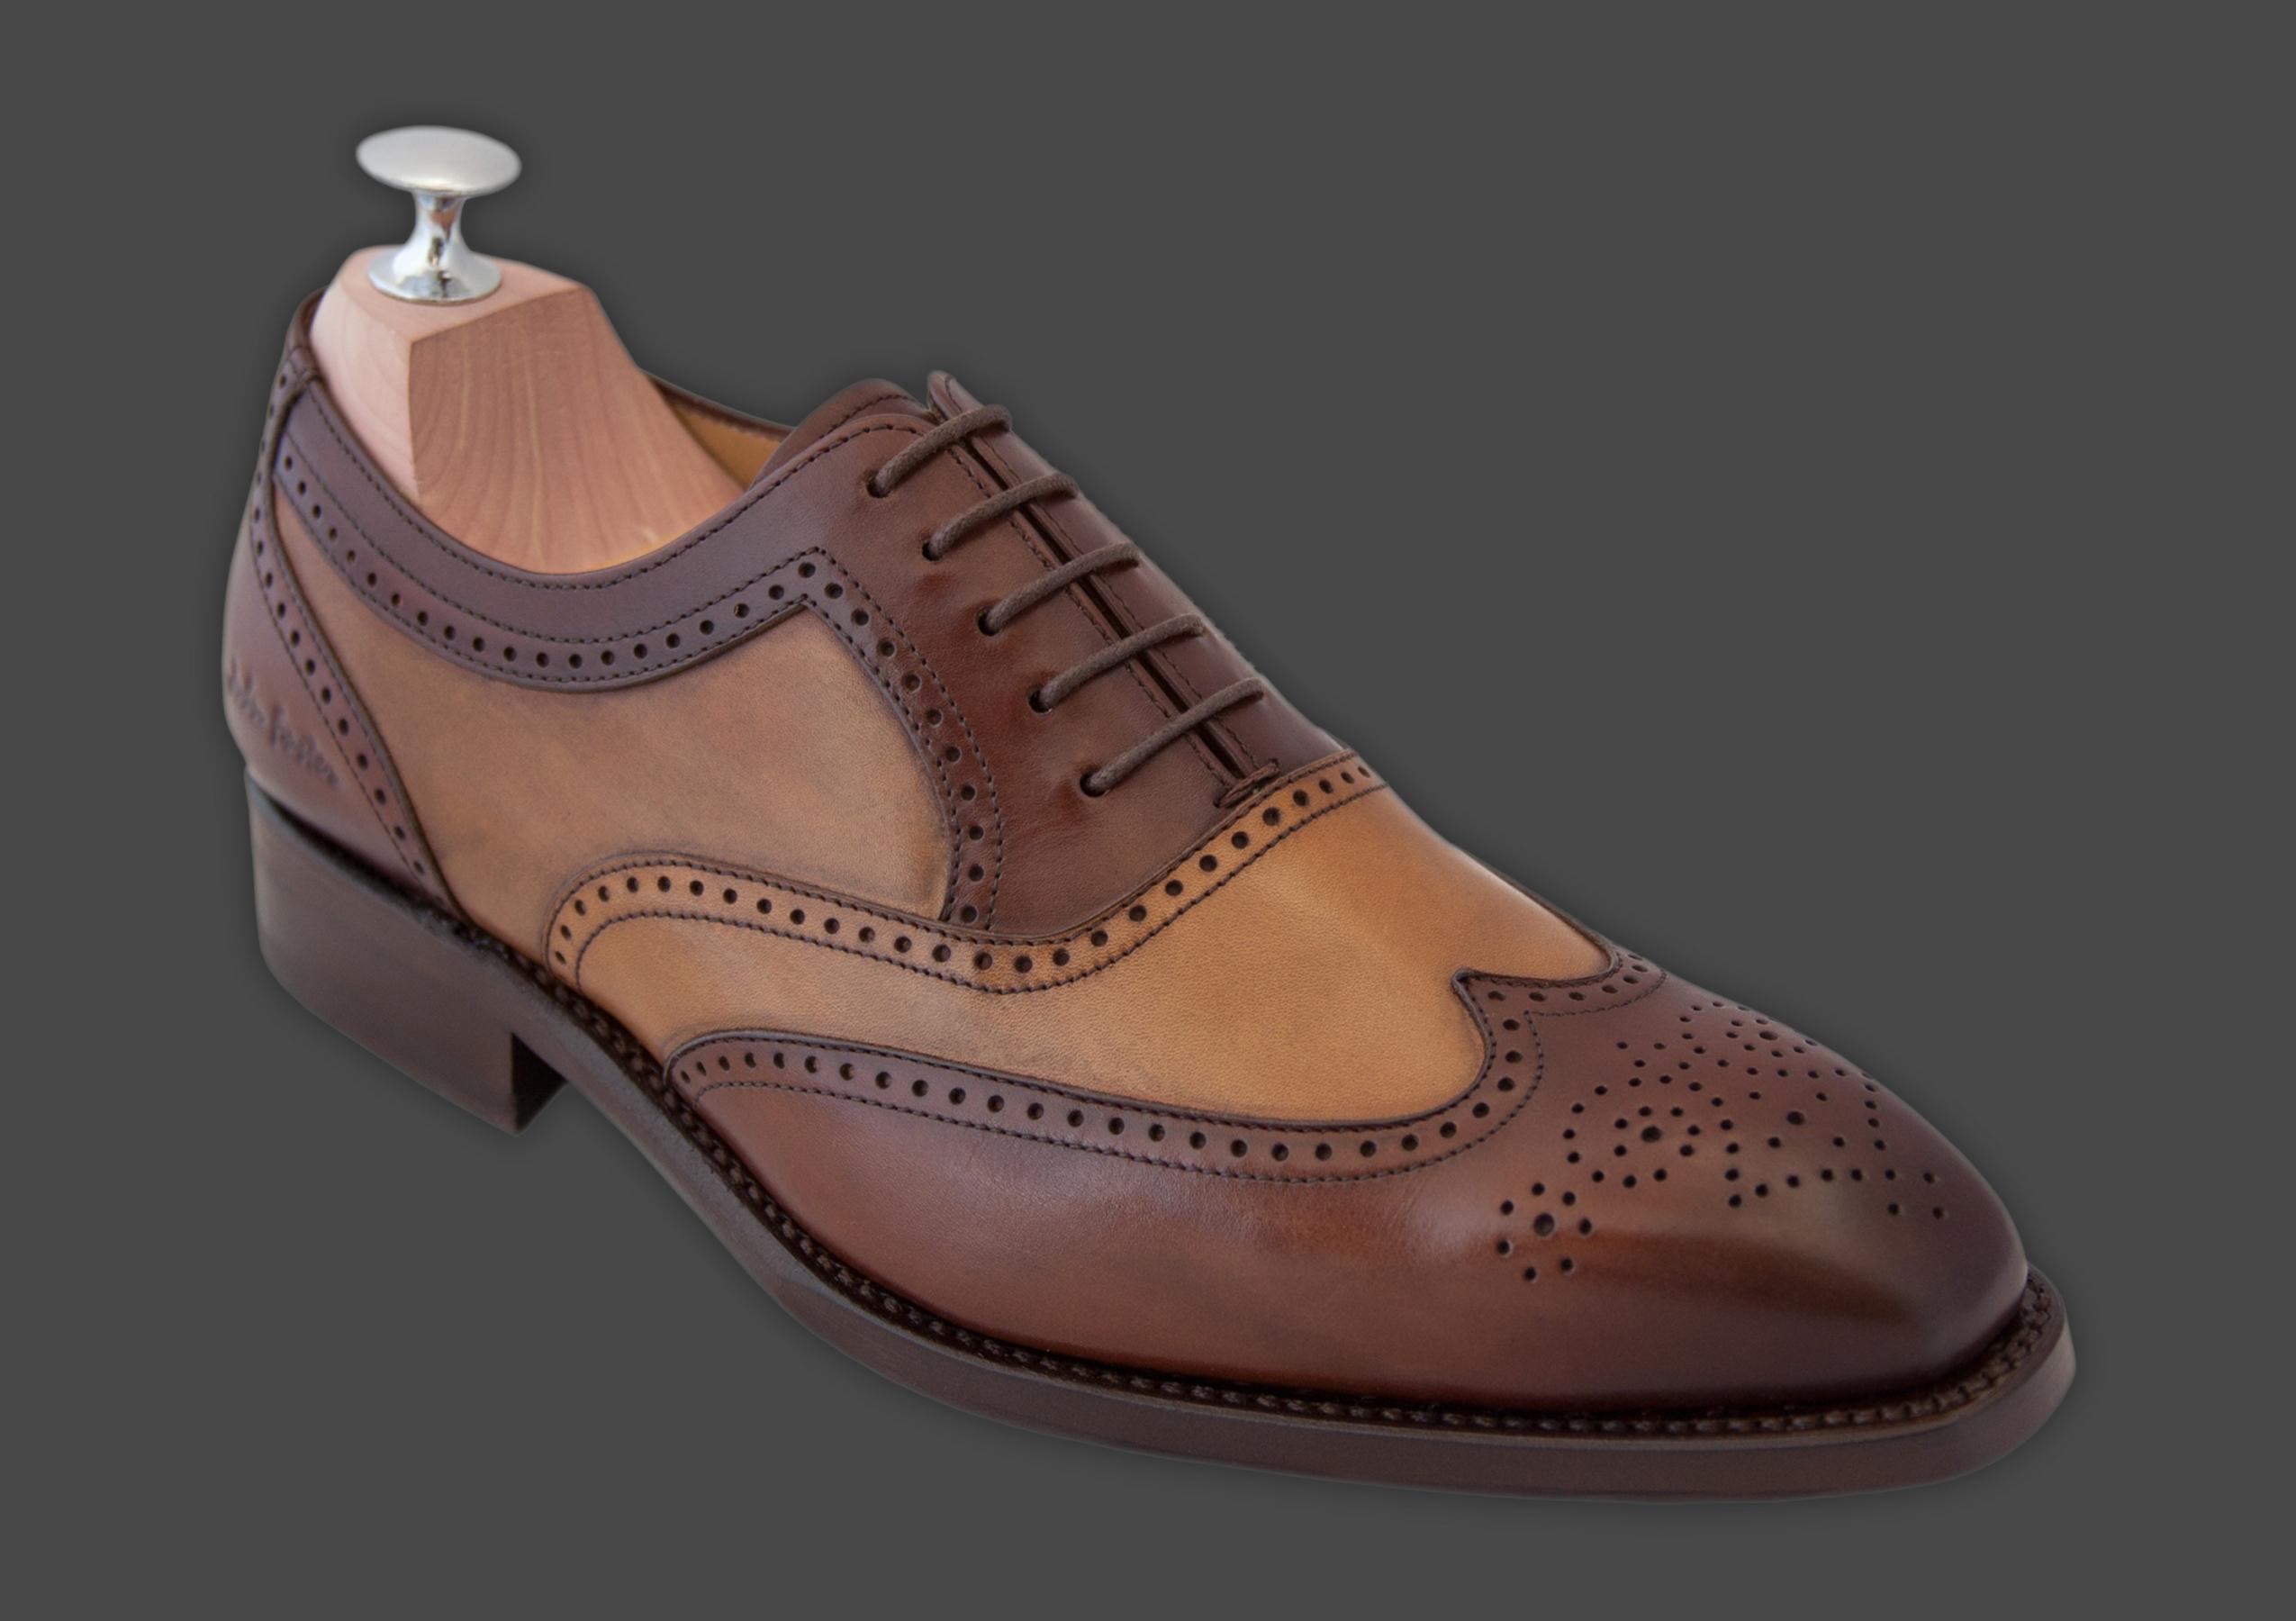 Bien-aimé Academy Two-Tone < Latest Models < Shoes < Our catalogue | John Foster CJ58